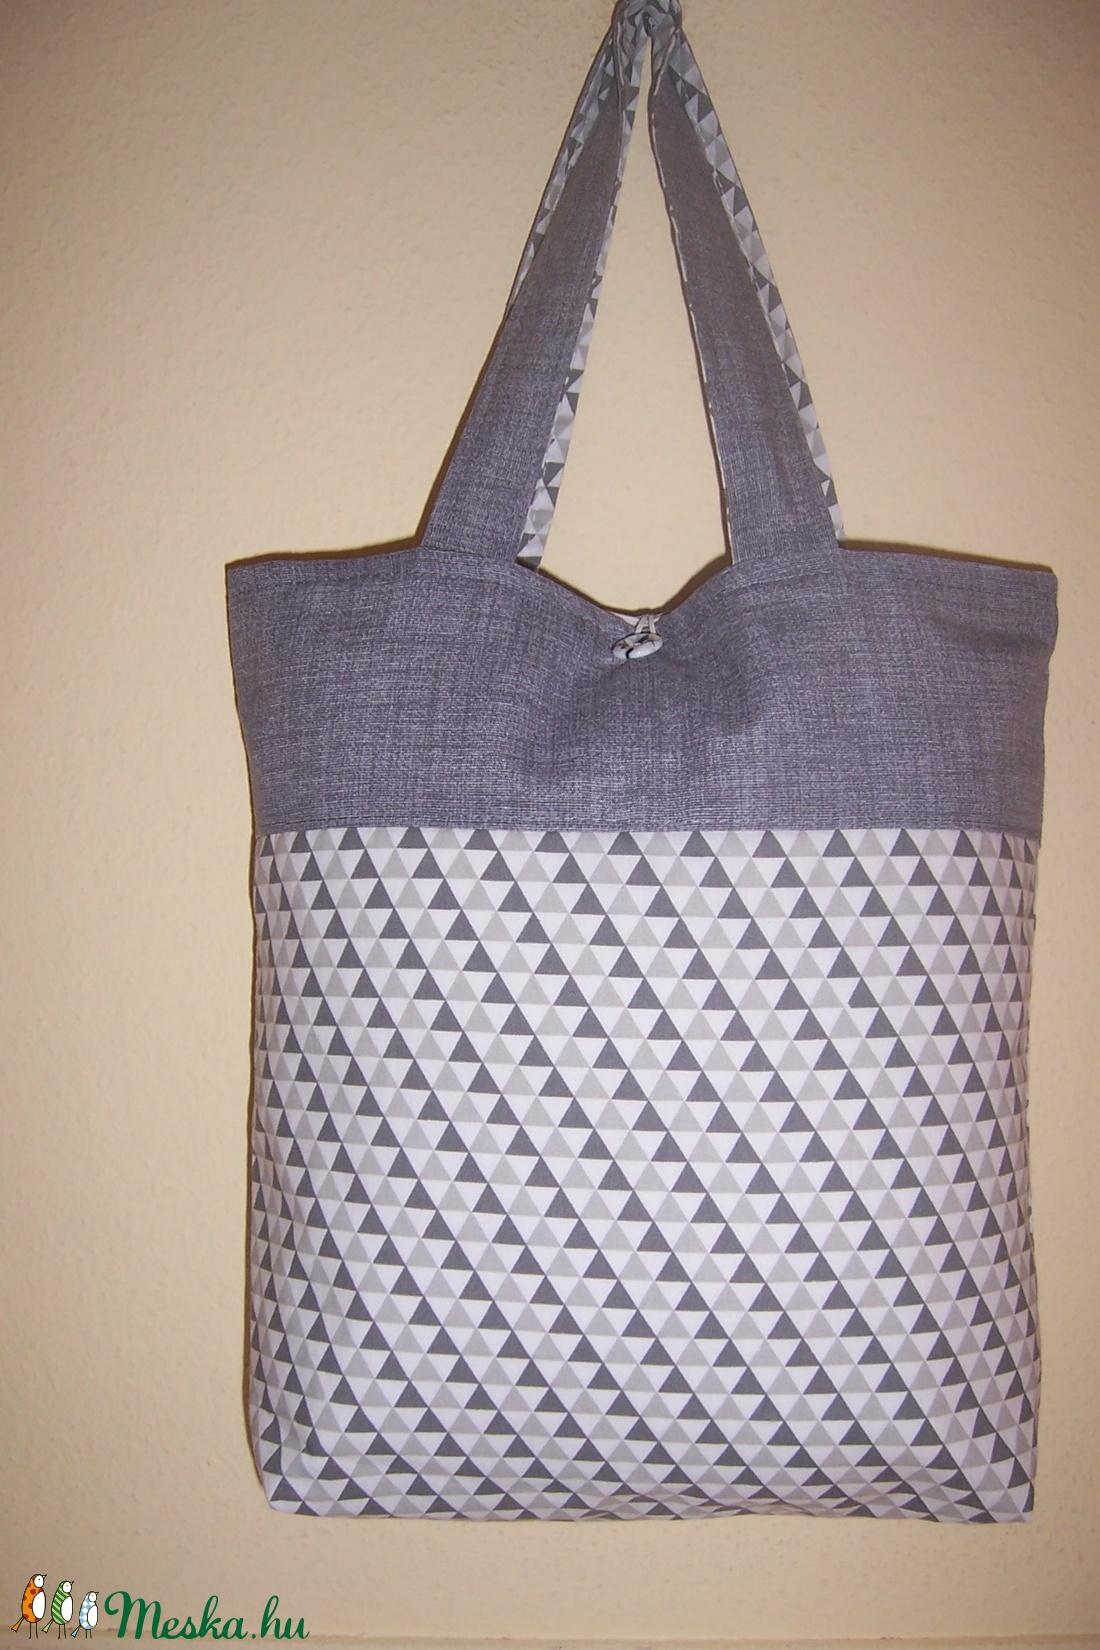 Szürke mintás bélelt táska normál füllel (textilcseppek) - Meska.hu 7bf577c8a4